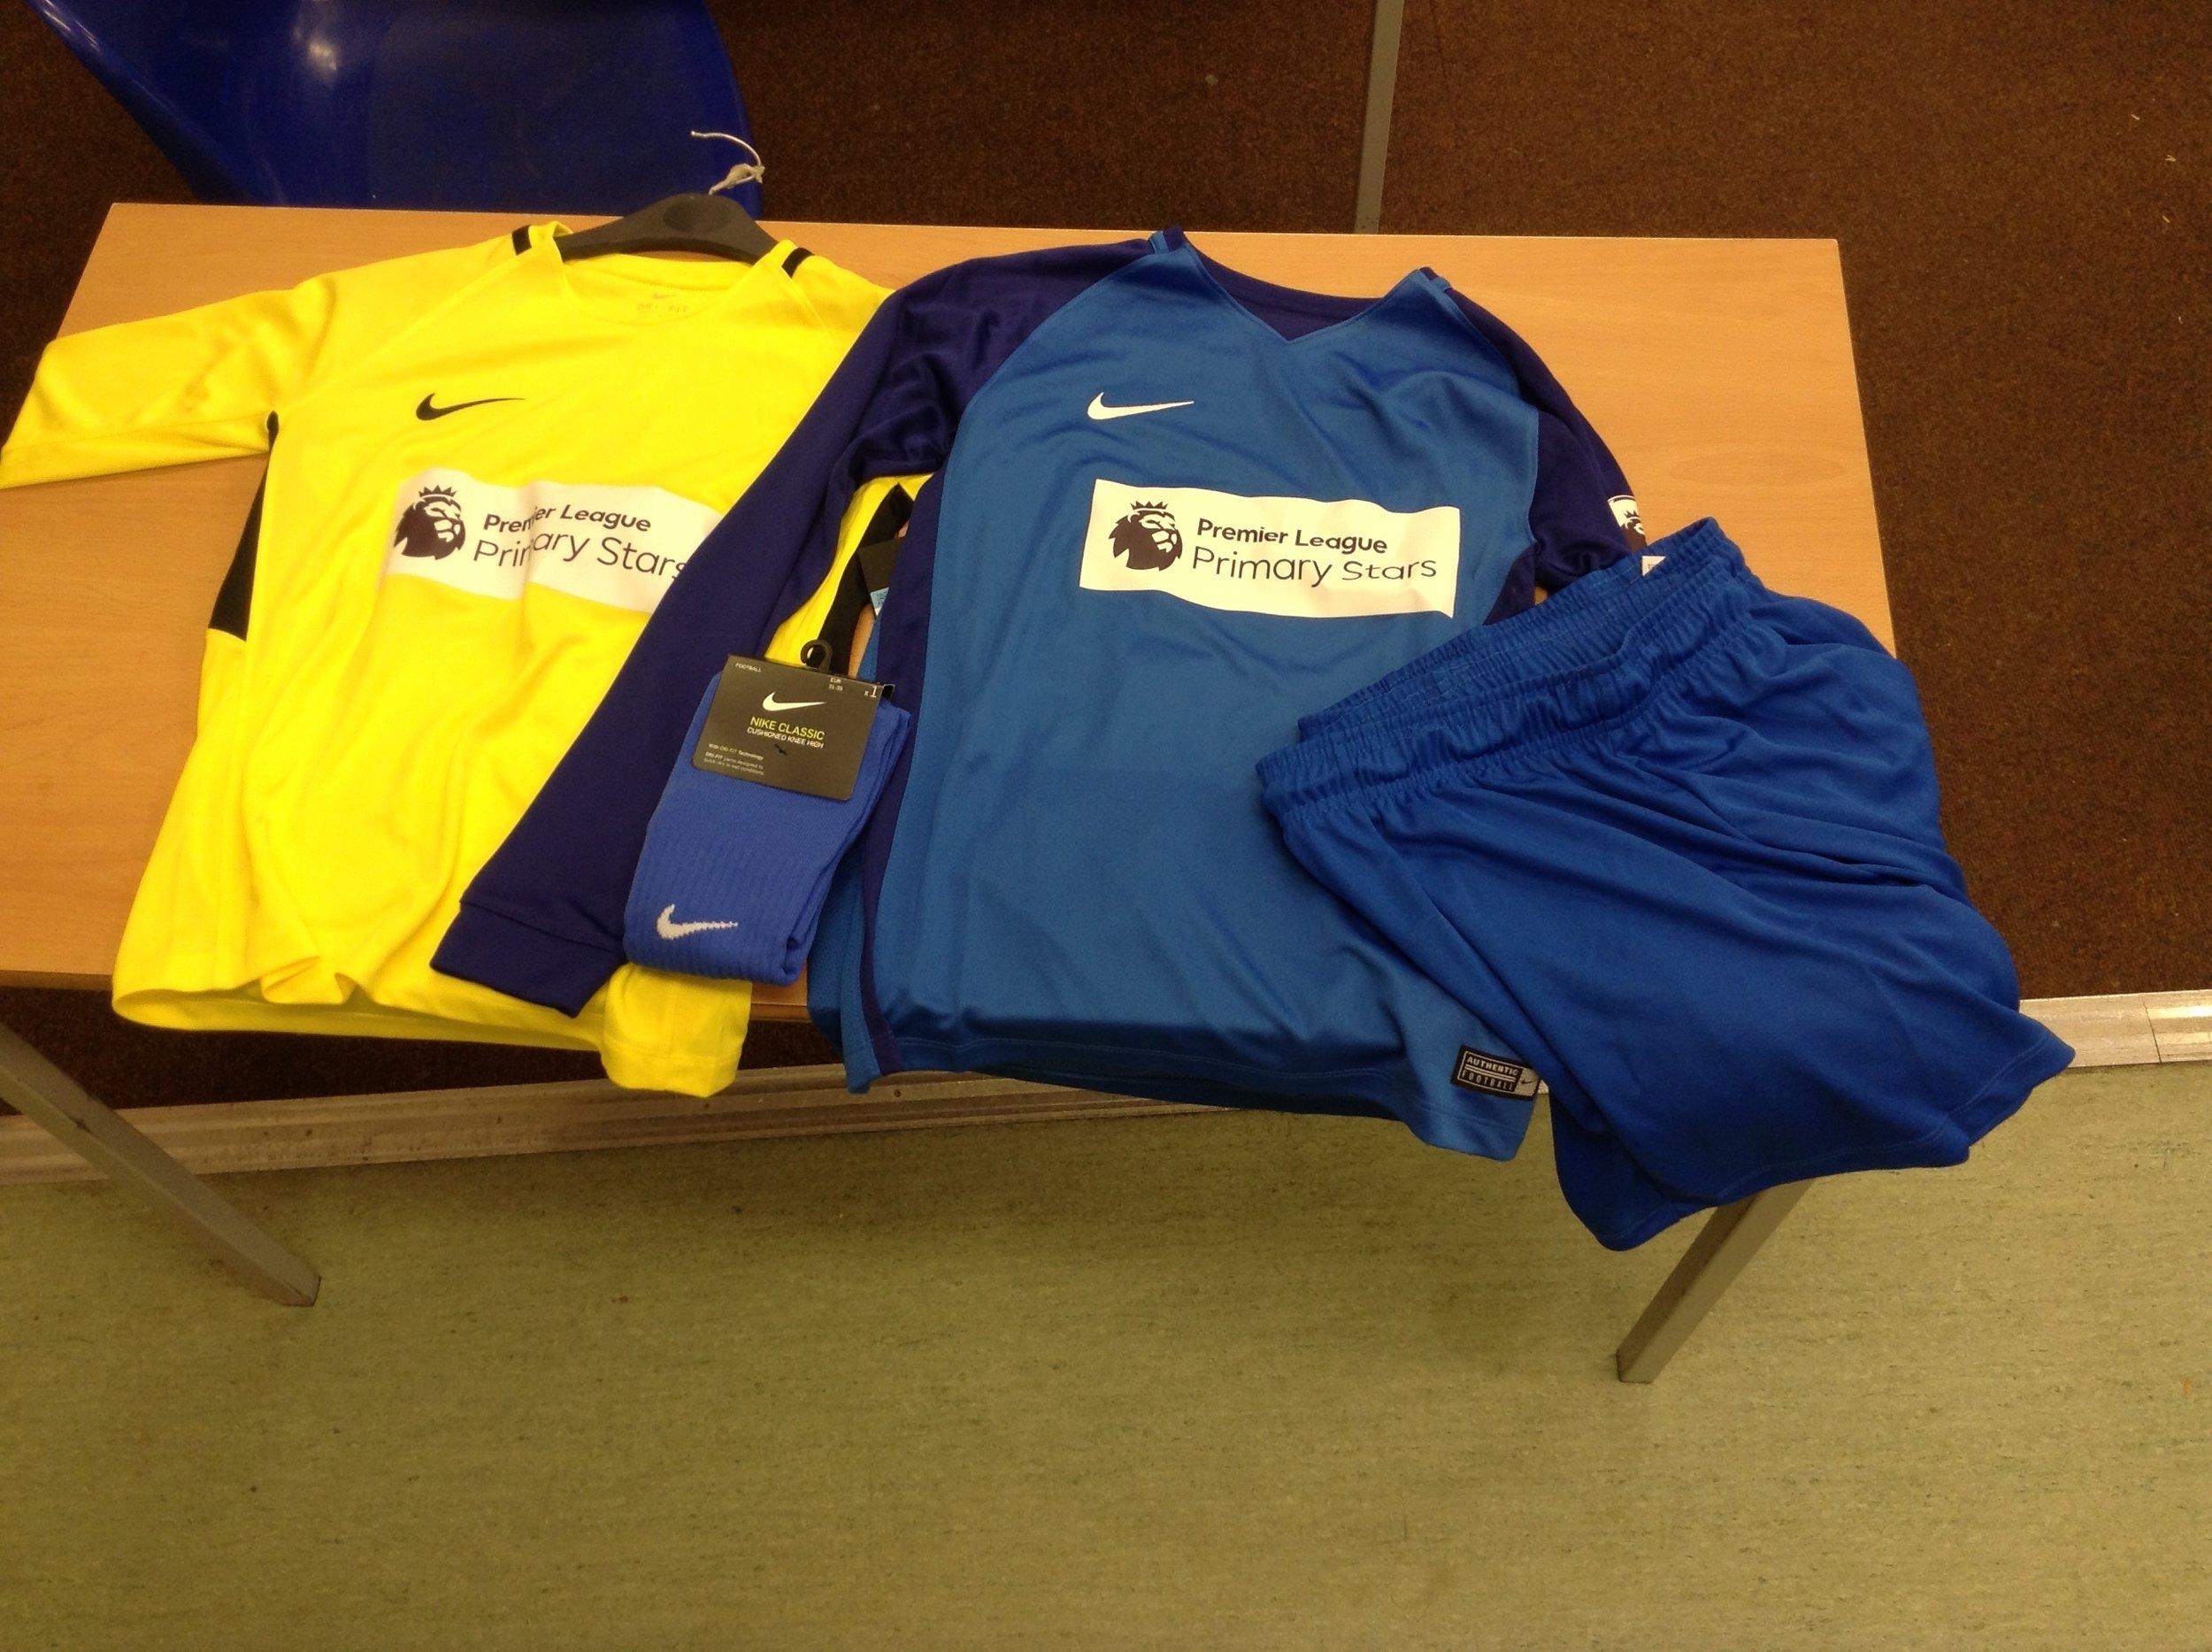 - New Sports Kit!